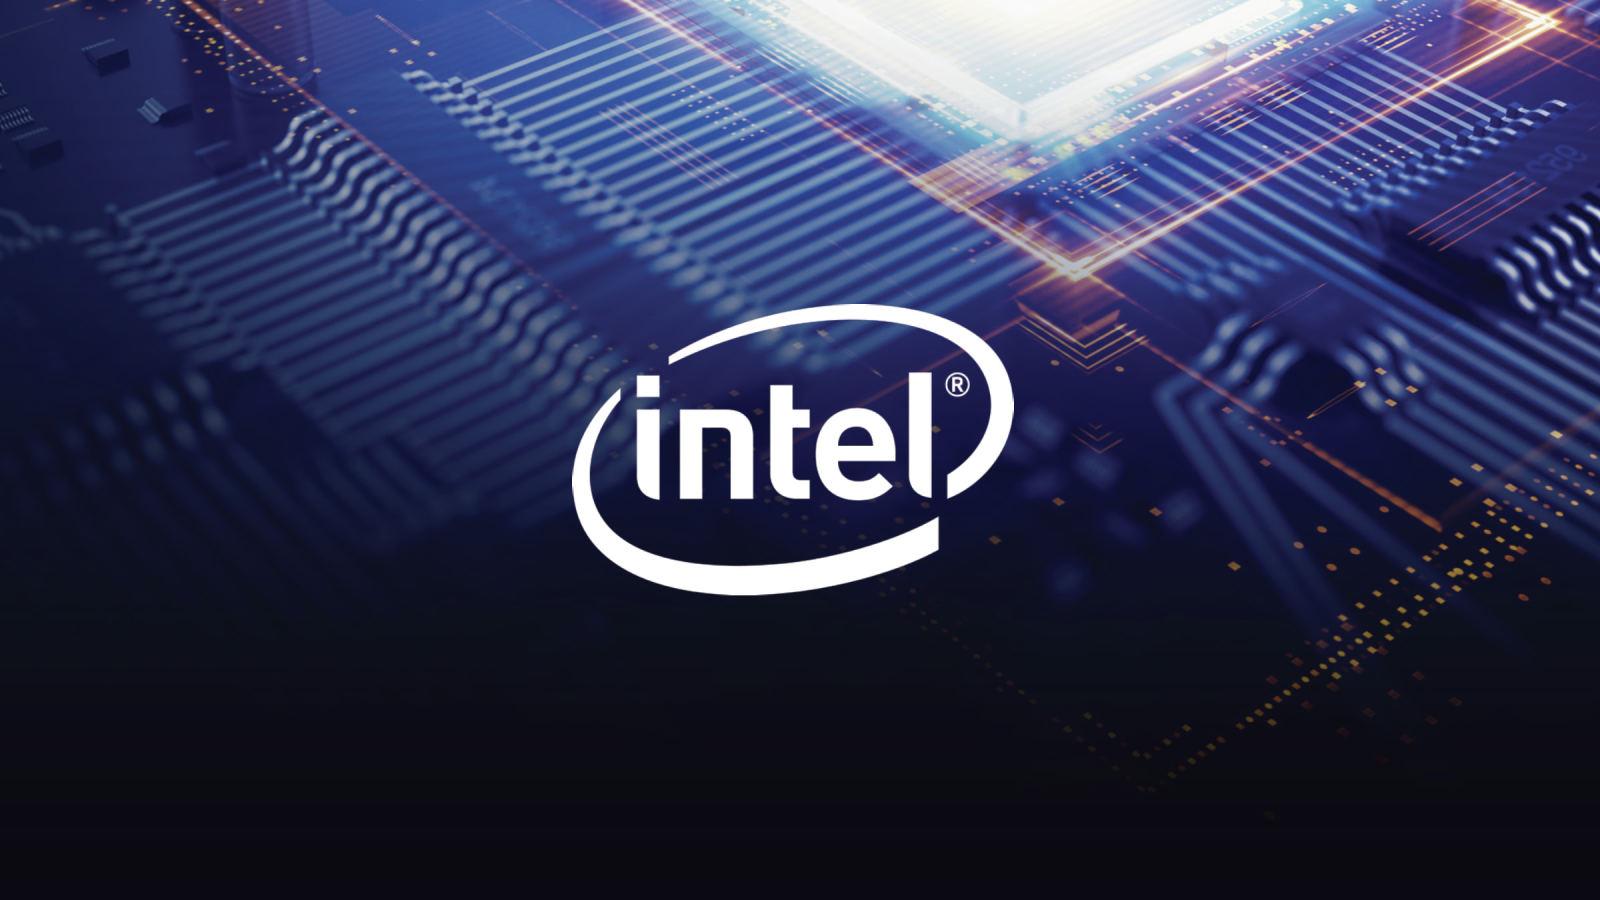 Intel正式发布第十代桌面酷睿处理器,全系列开放超线程能力